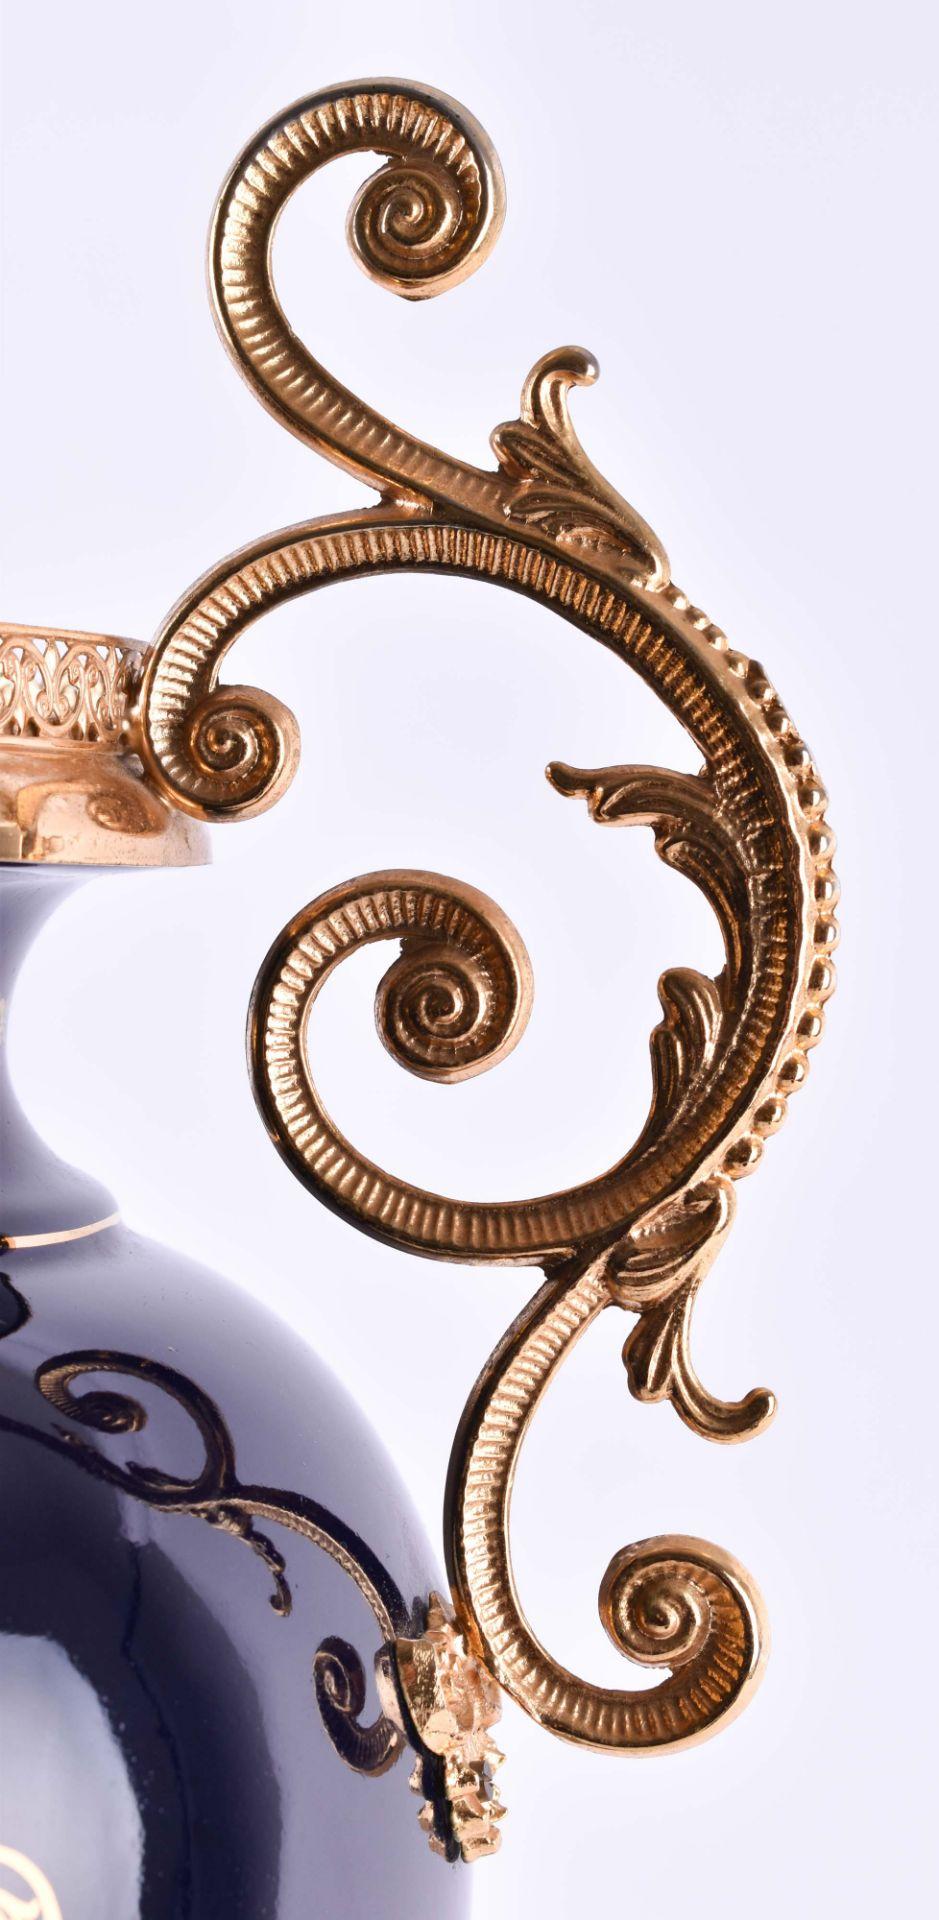 Pomp vase Limoges - Image 5 of 5